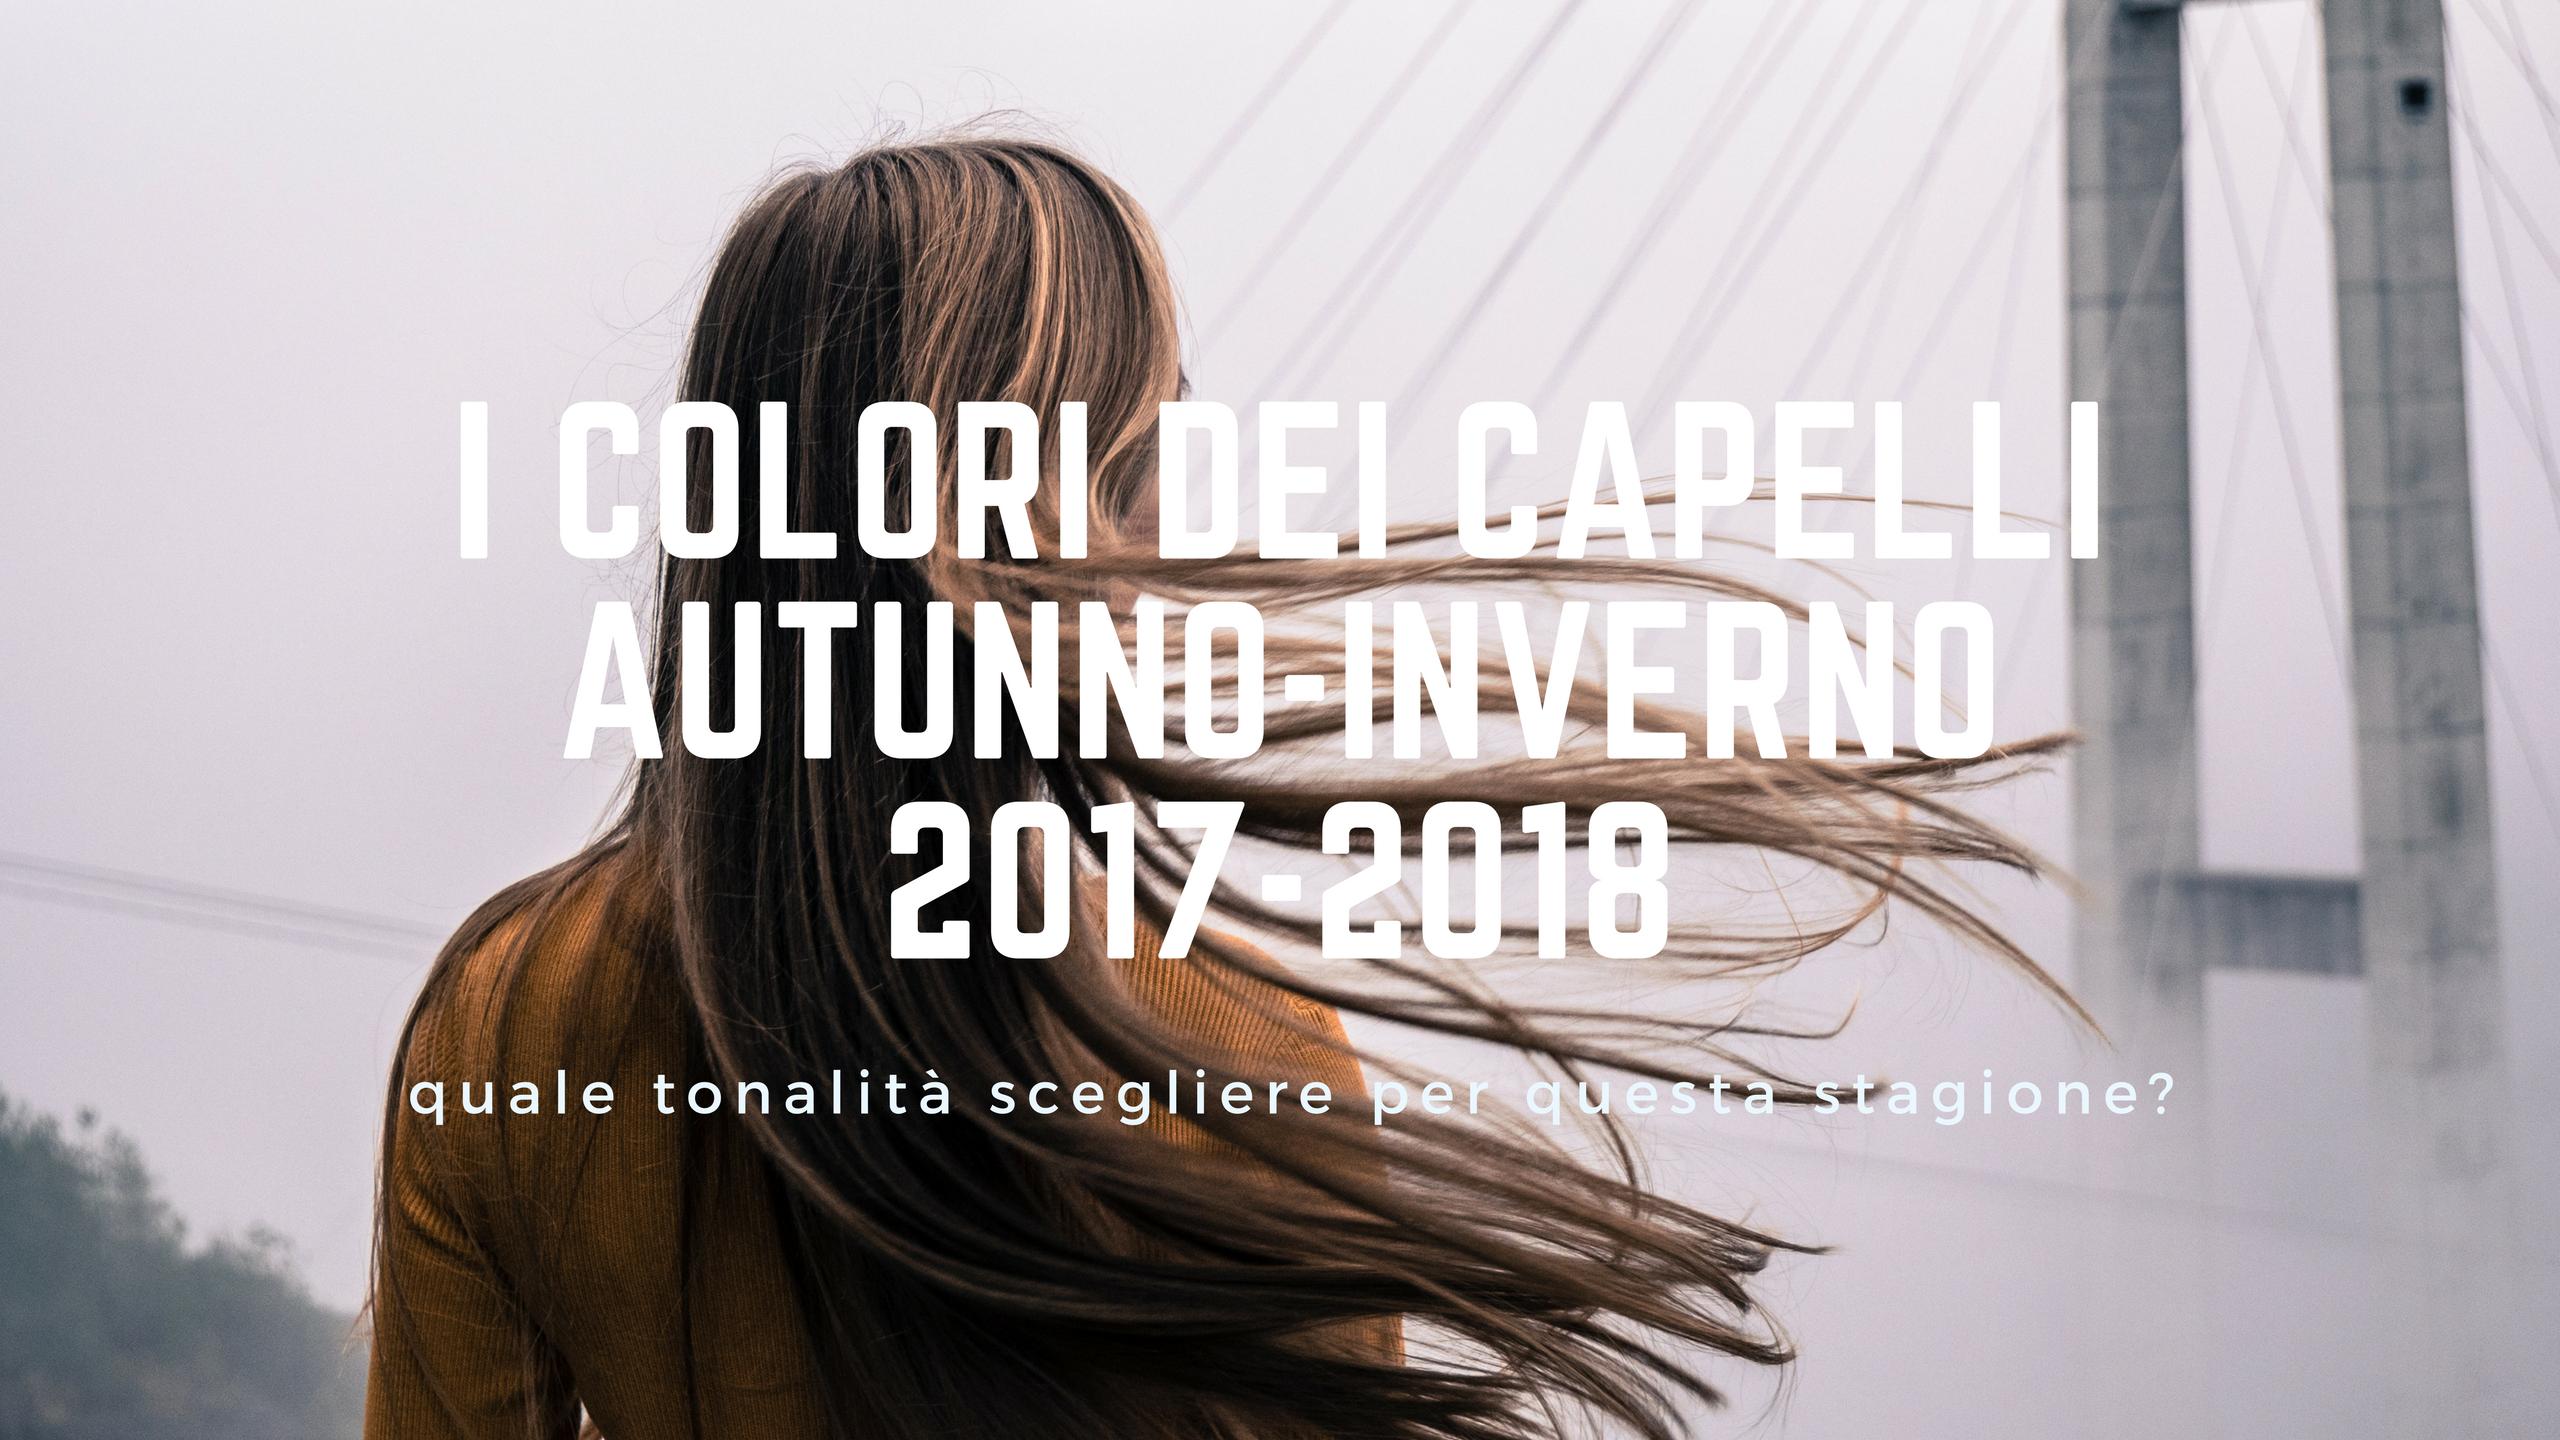 I colori dei capelli Autunno-Inverno 2017-2018